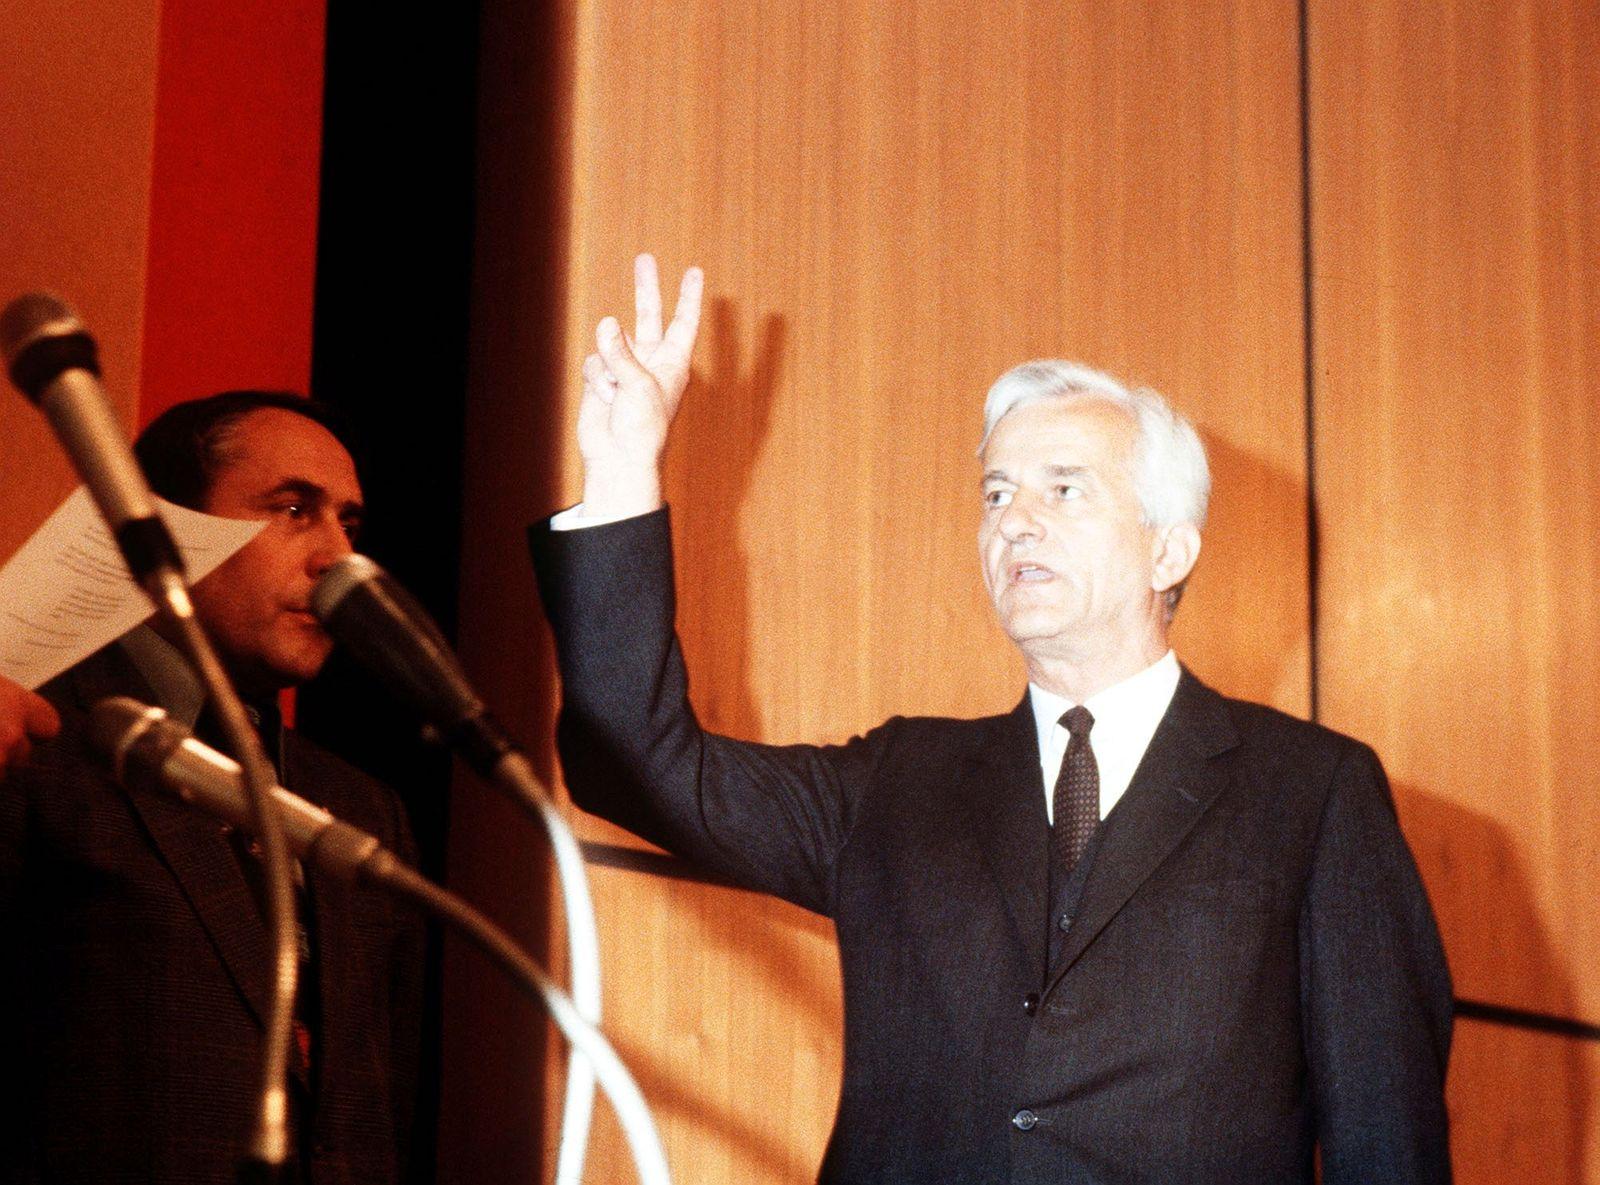 Richard von Weizsaecker, Buergermeister Berlin, Vereidigung